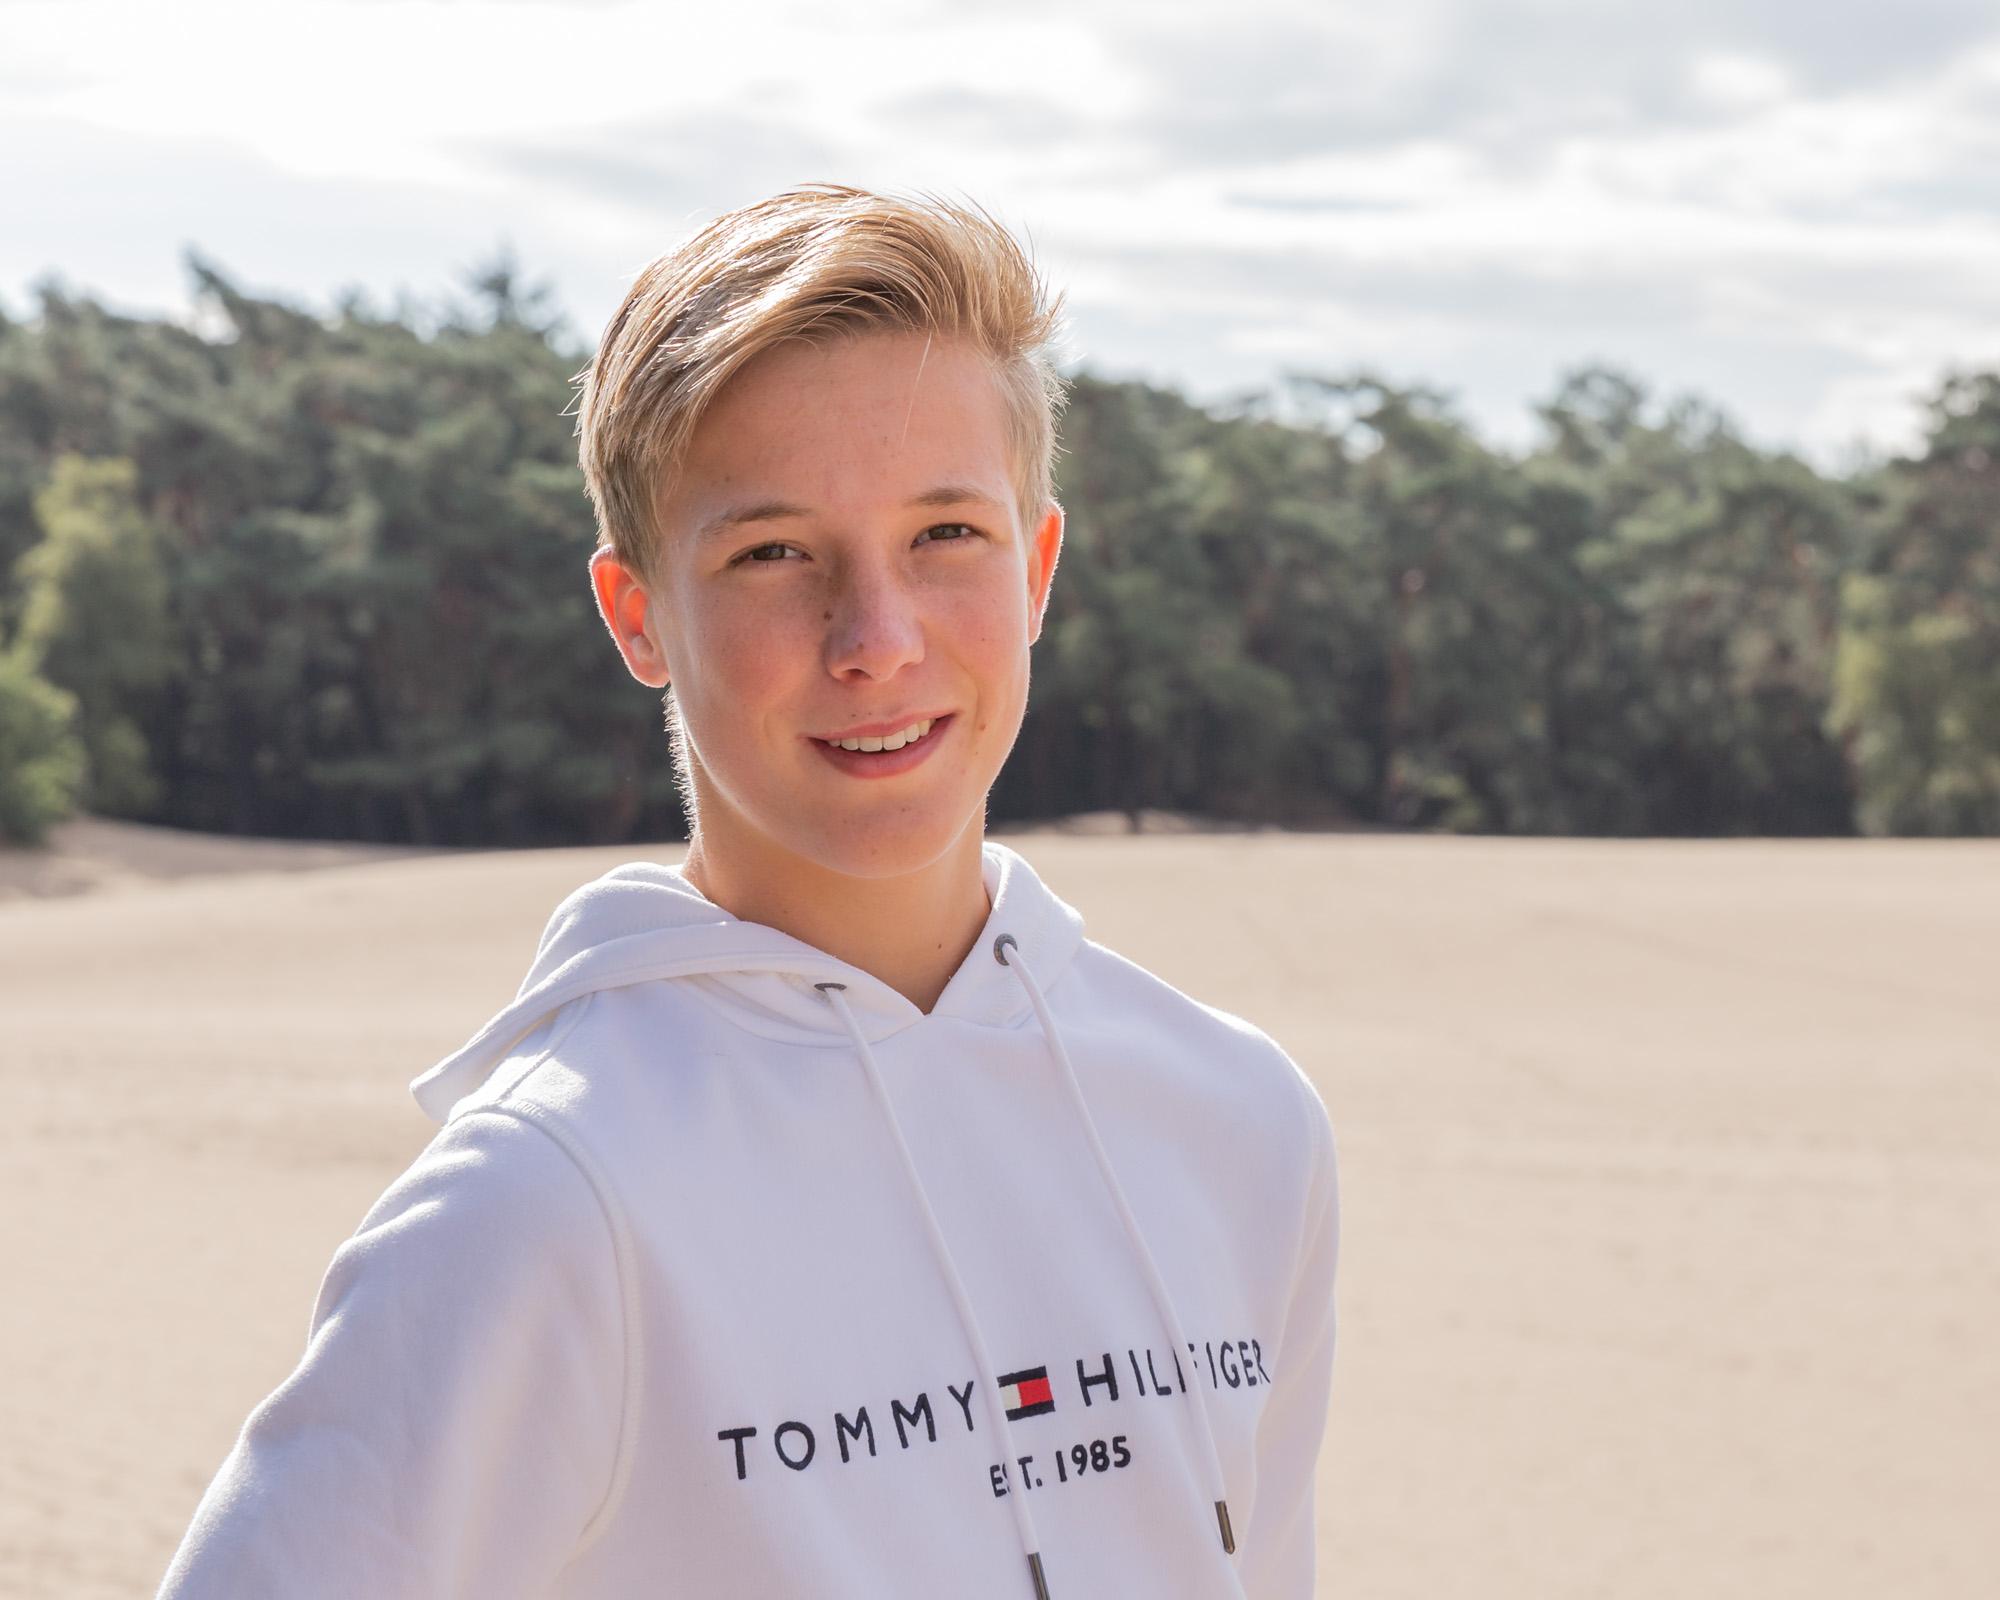 portret van blonde jongen bij zandverstuiving door mayrafotografie